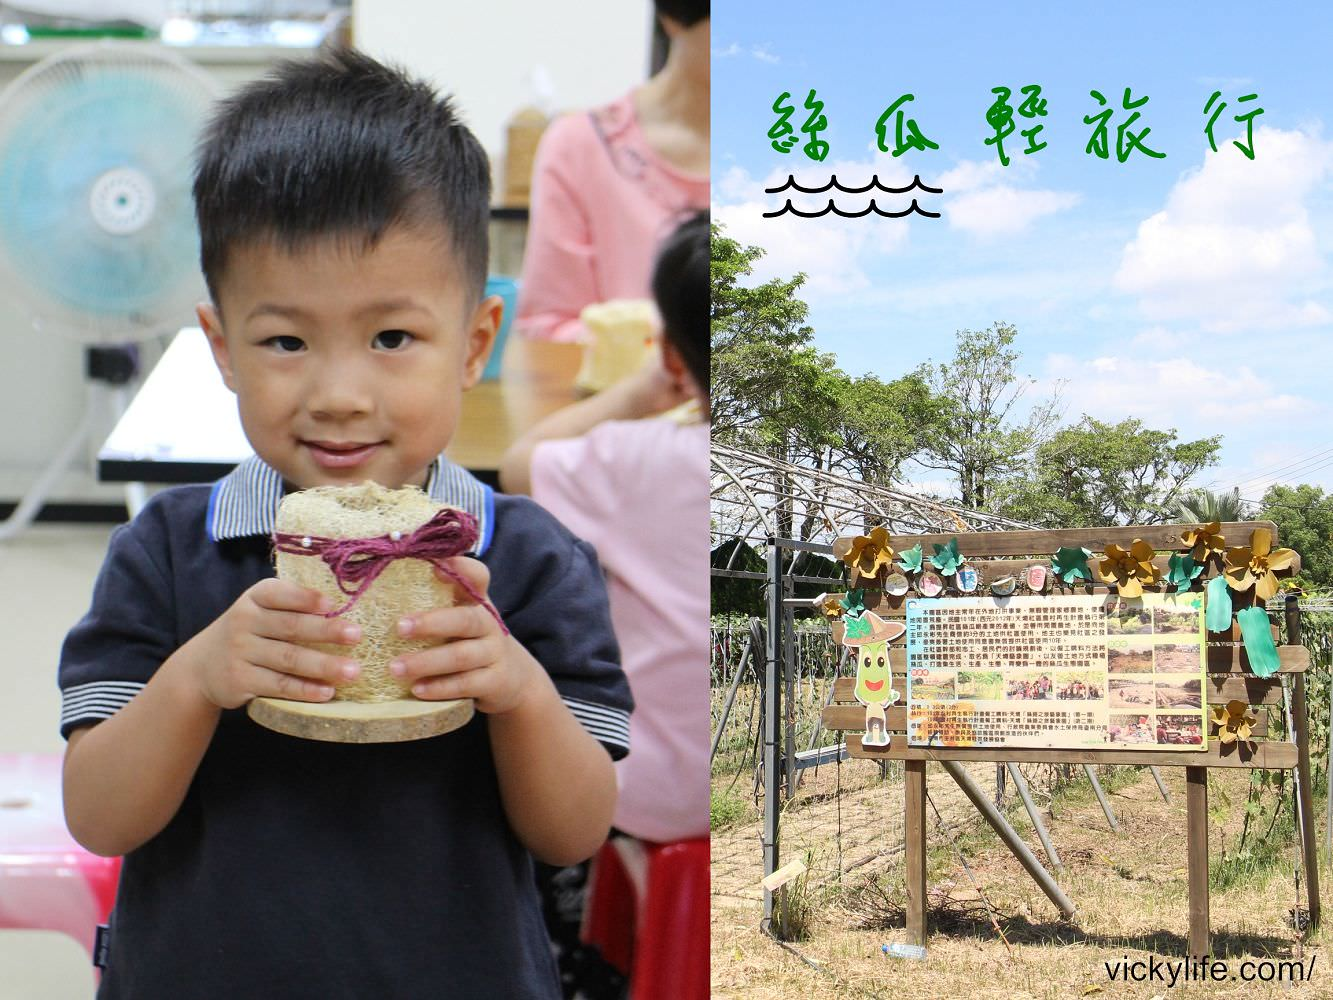 台南景點︱玉井天埔社區:絲瓜絡DIY、絲瓜水餃體驗,就是要玩不一樣的呀